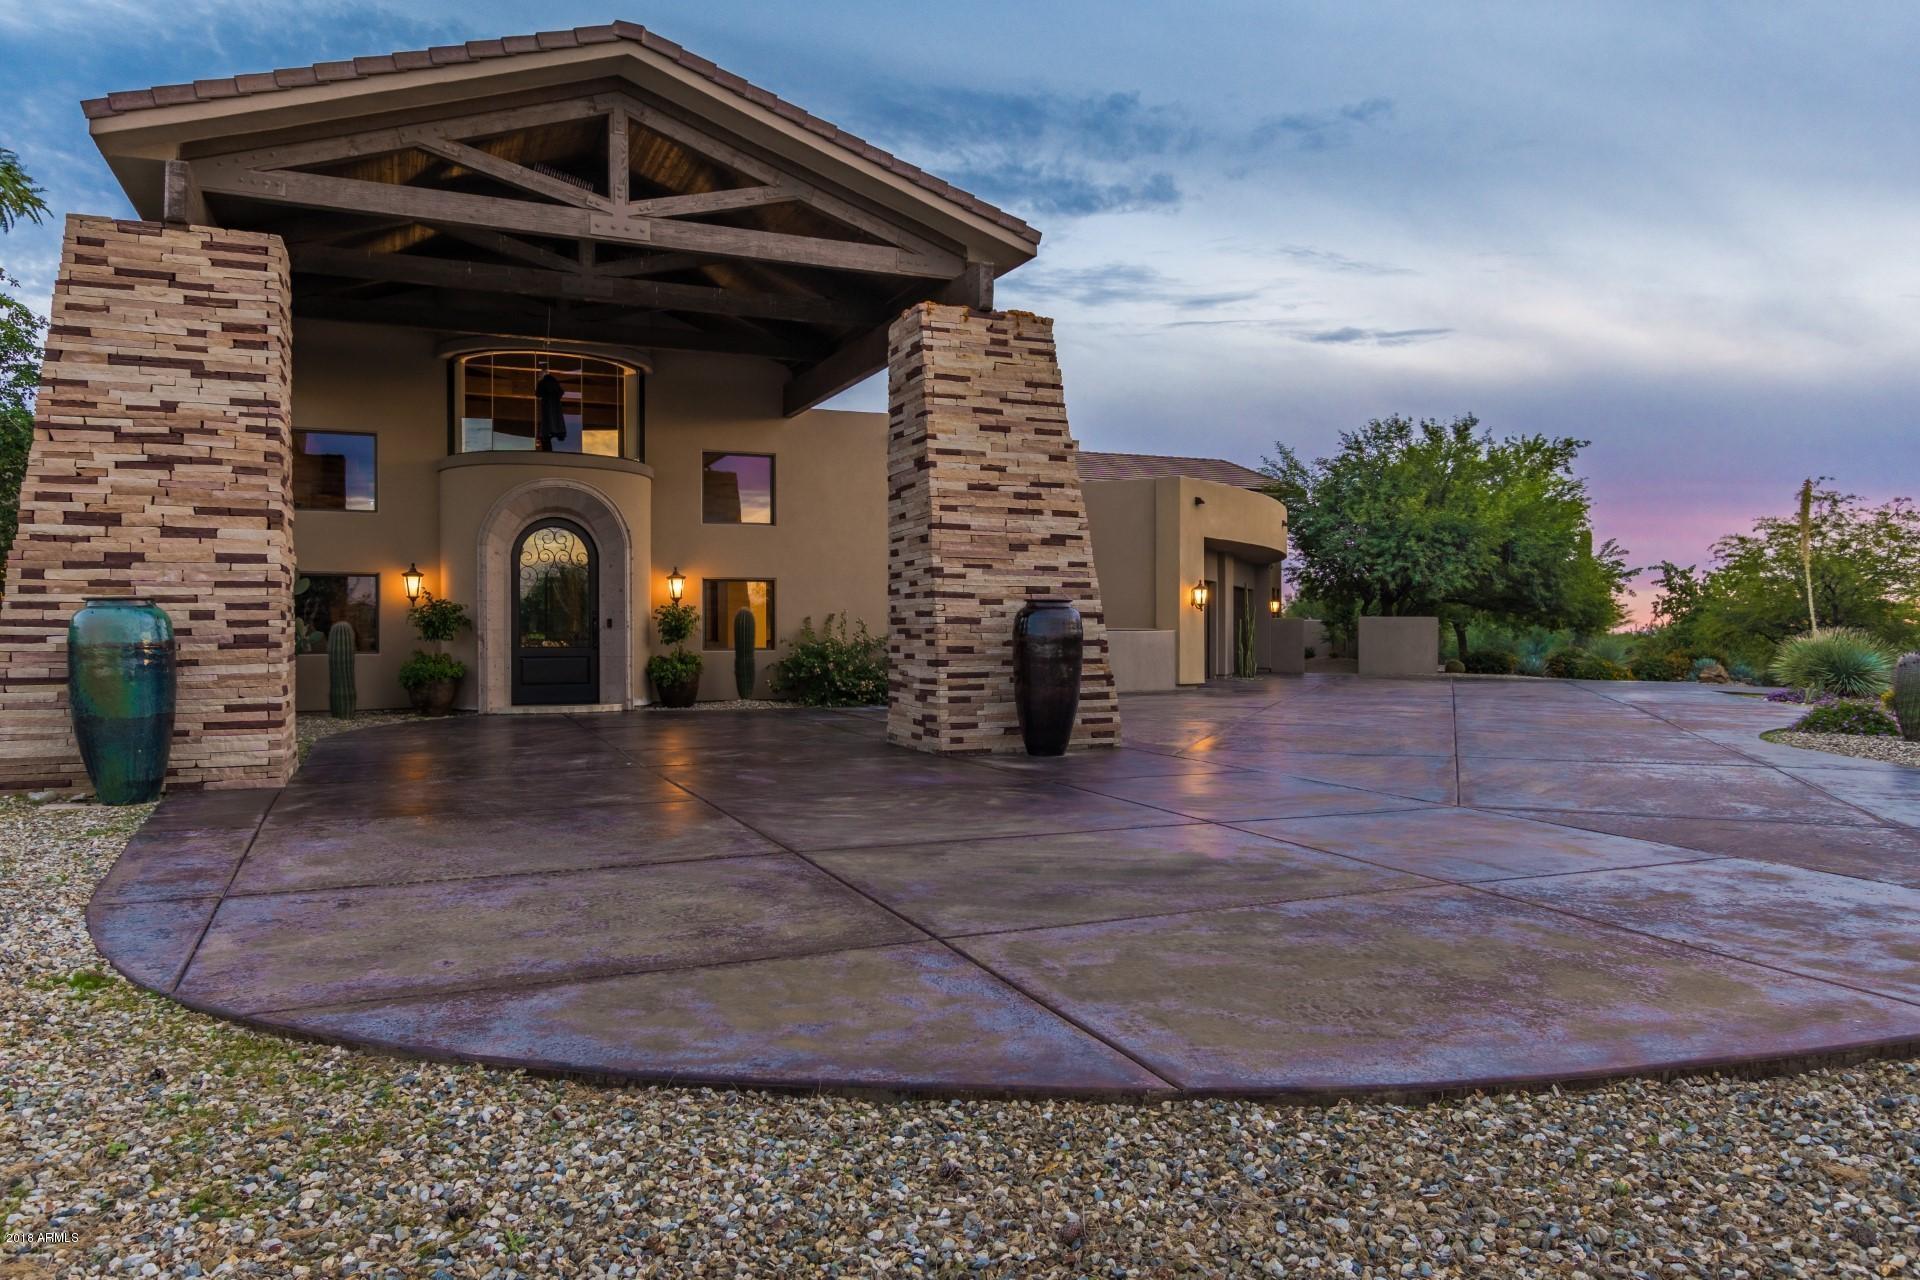 MLS 5851878 29501 N 76TH Street, Scottsdale, AZ 85266 Scottsdale Homes for Rent